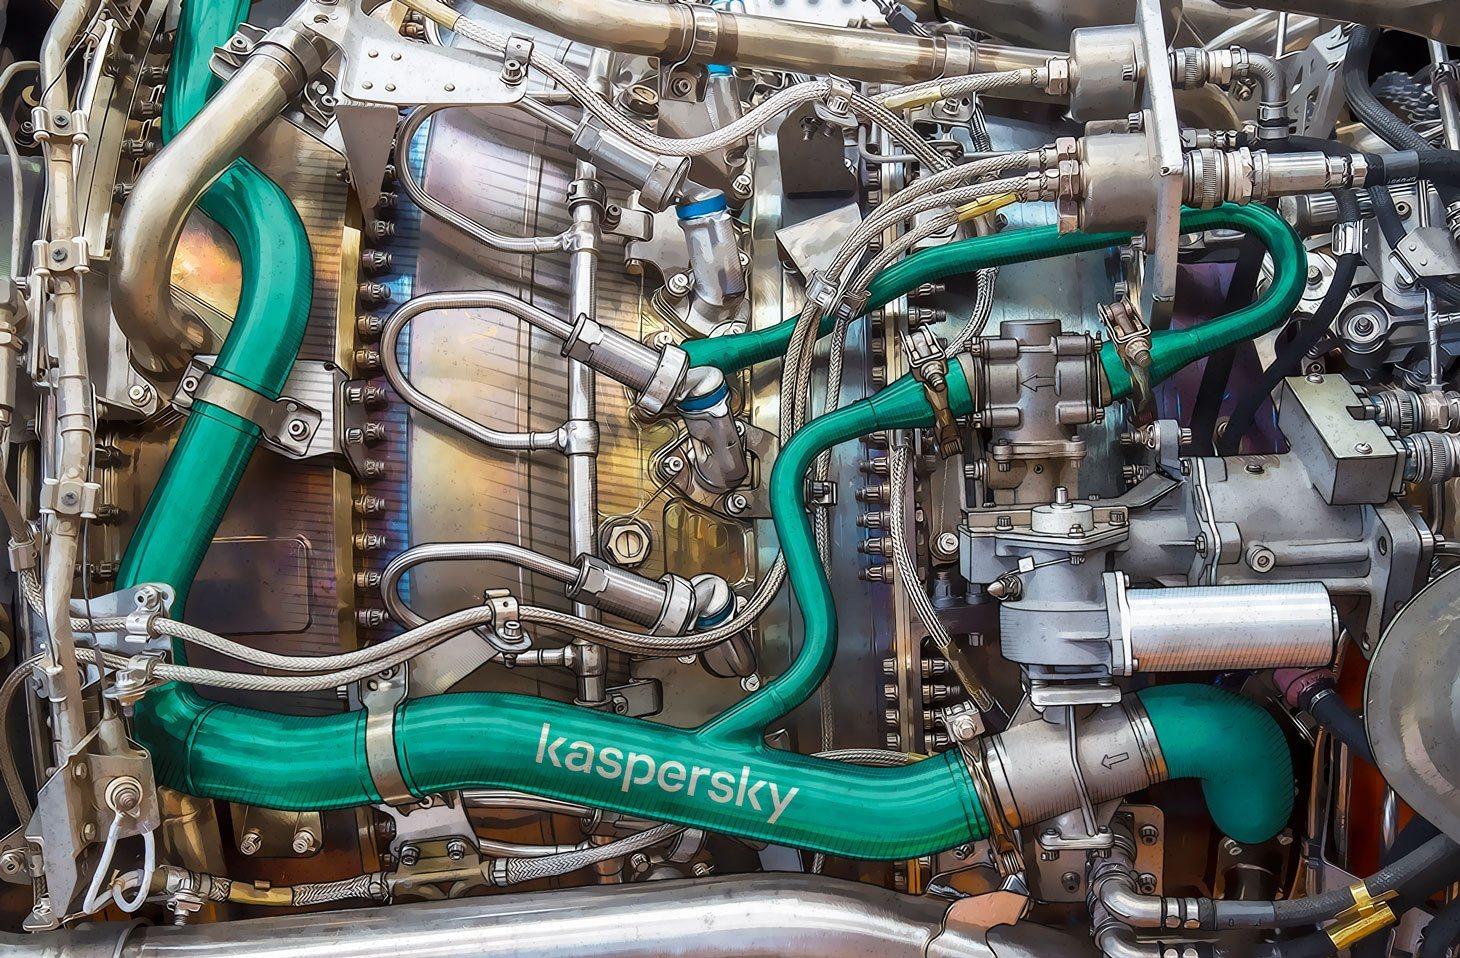 Kaspersky Security Engine se puede integrar con software de terceros o soluciones de hardware.